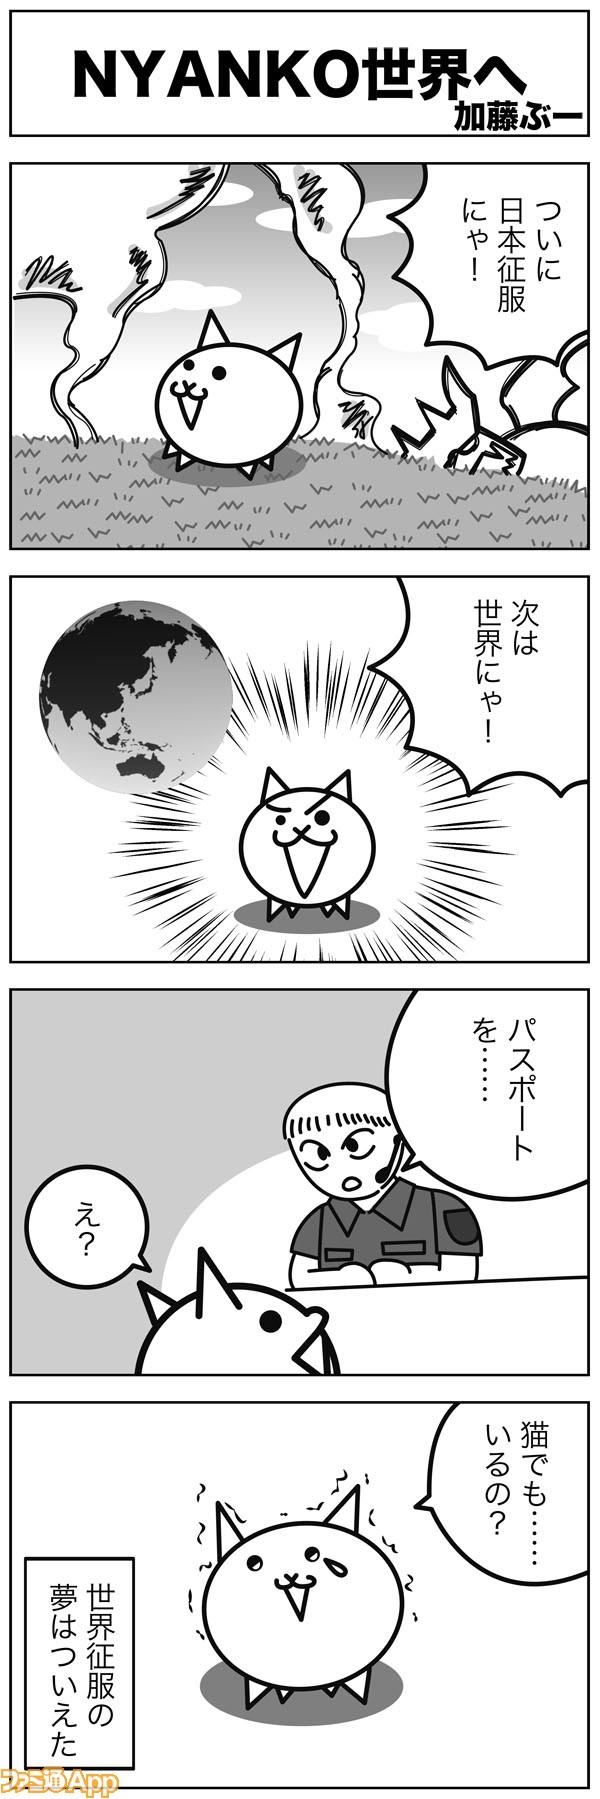 04kato_080